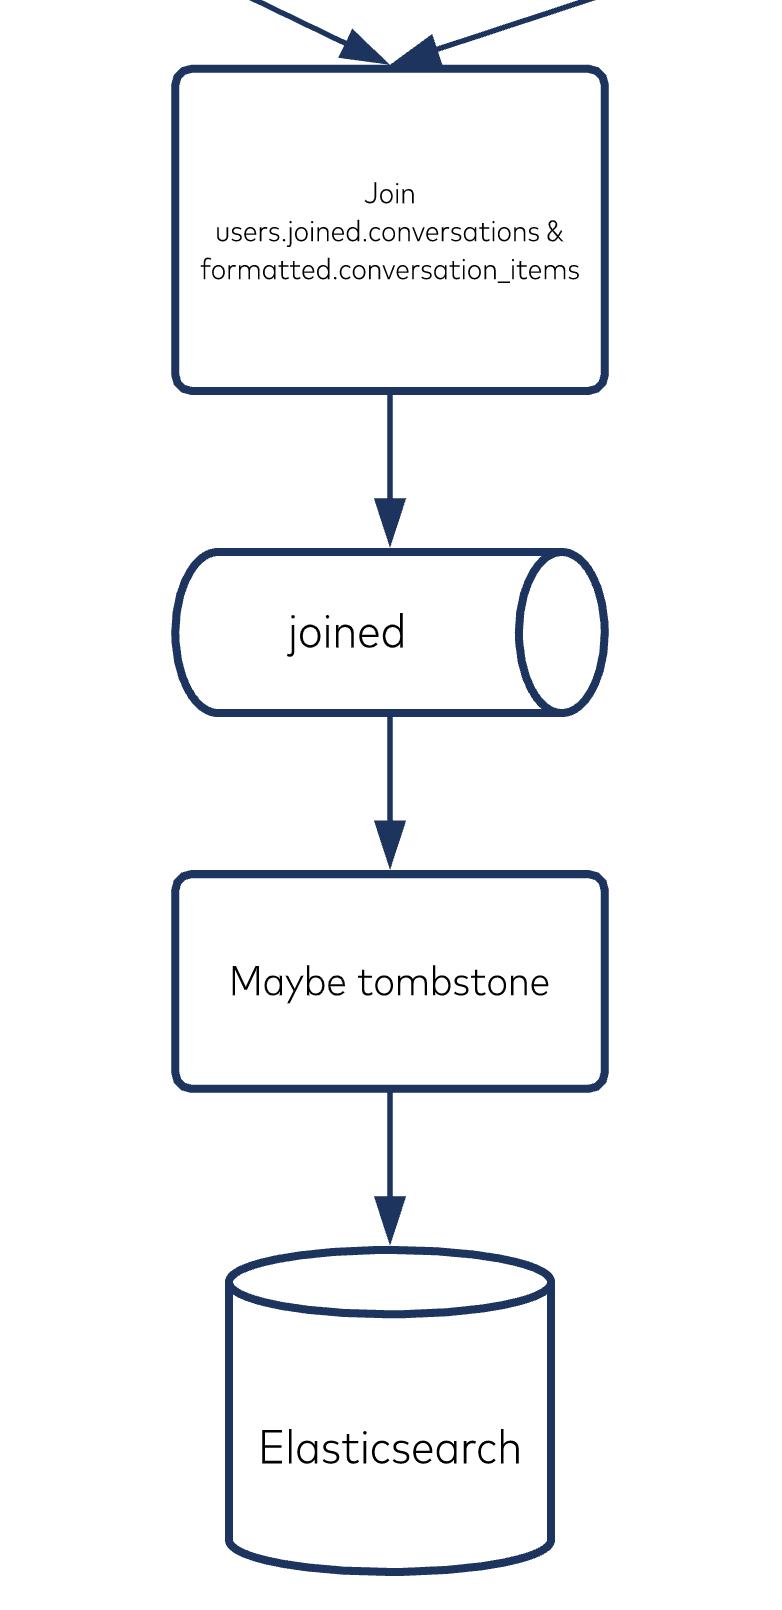 Sending tombstones to Elasticsearch